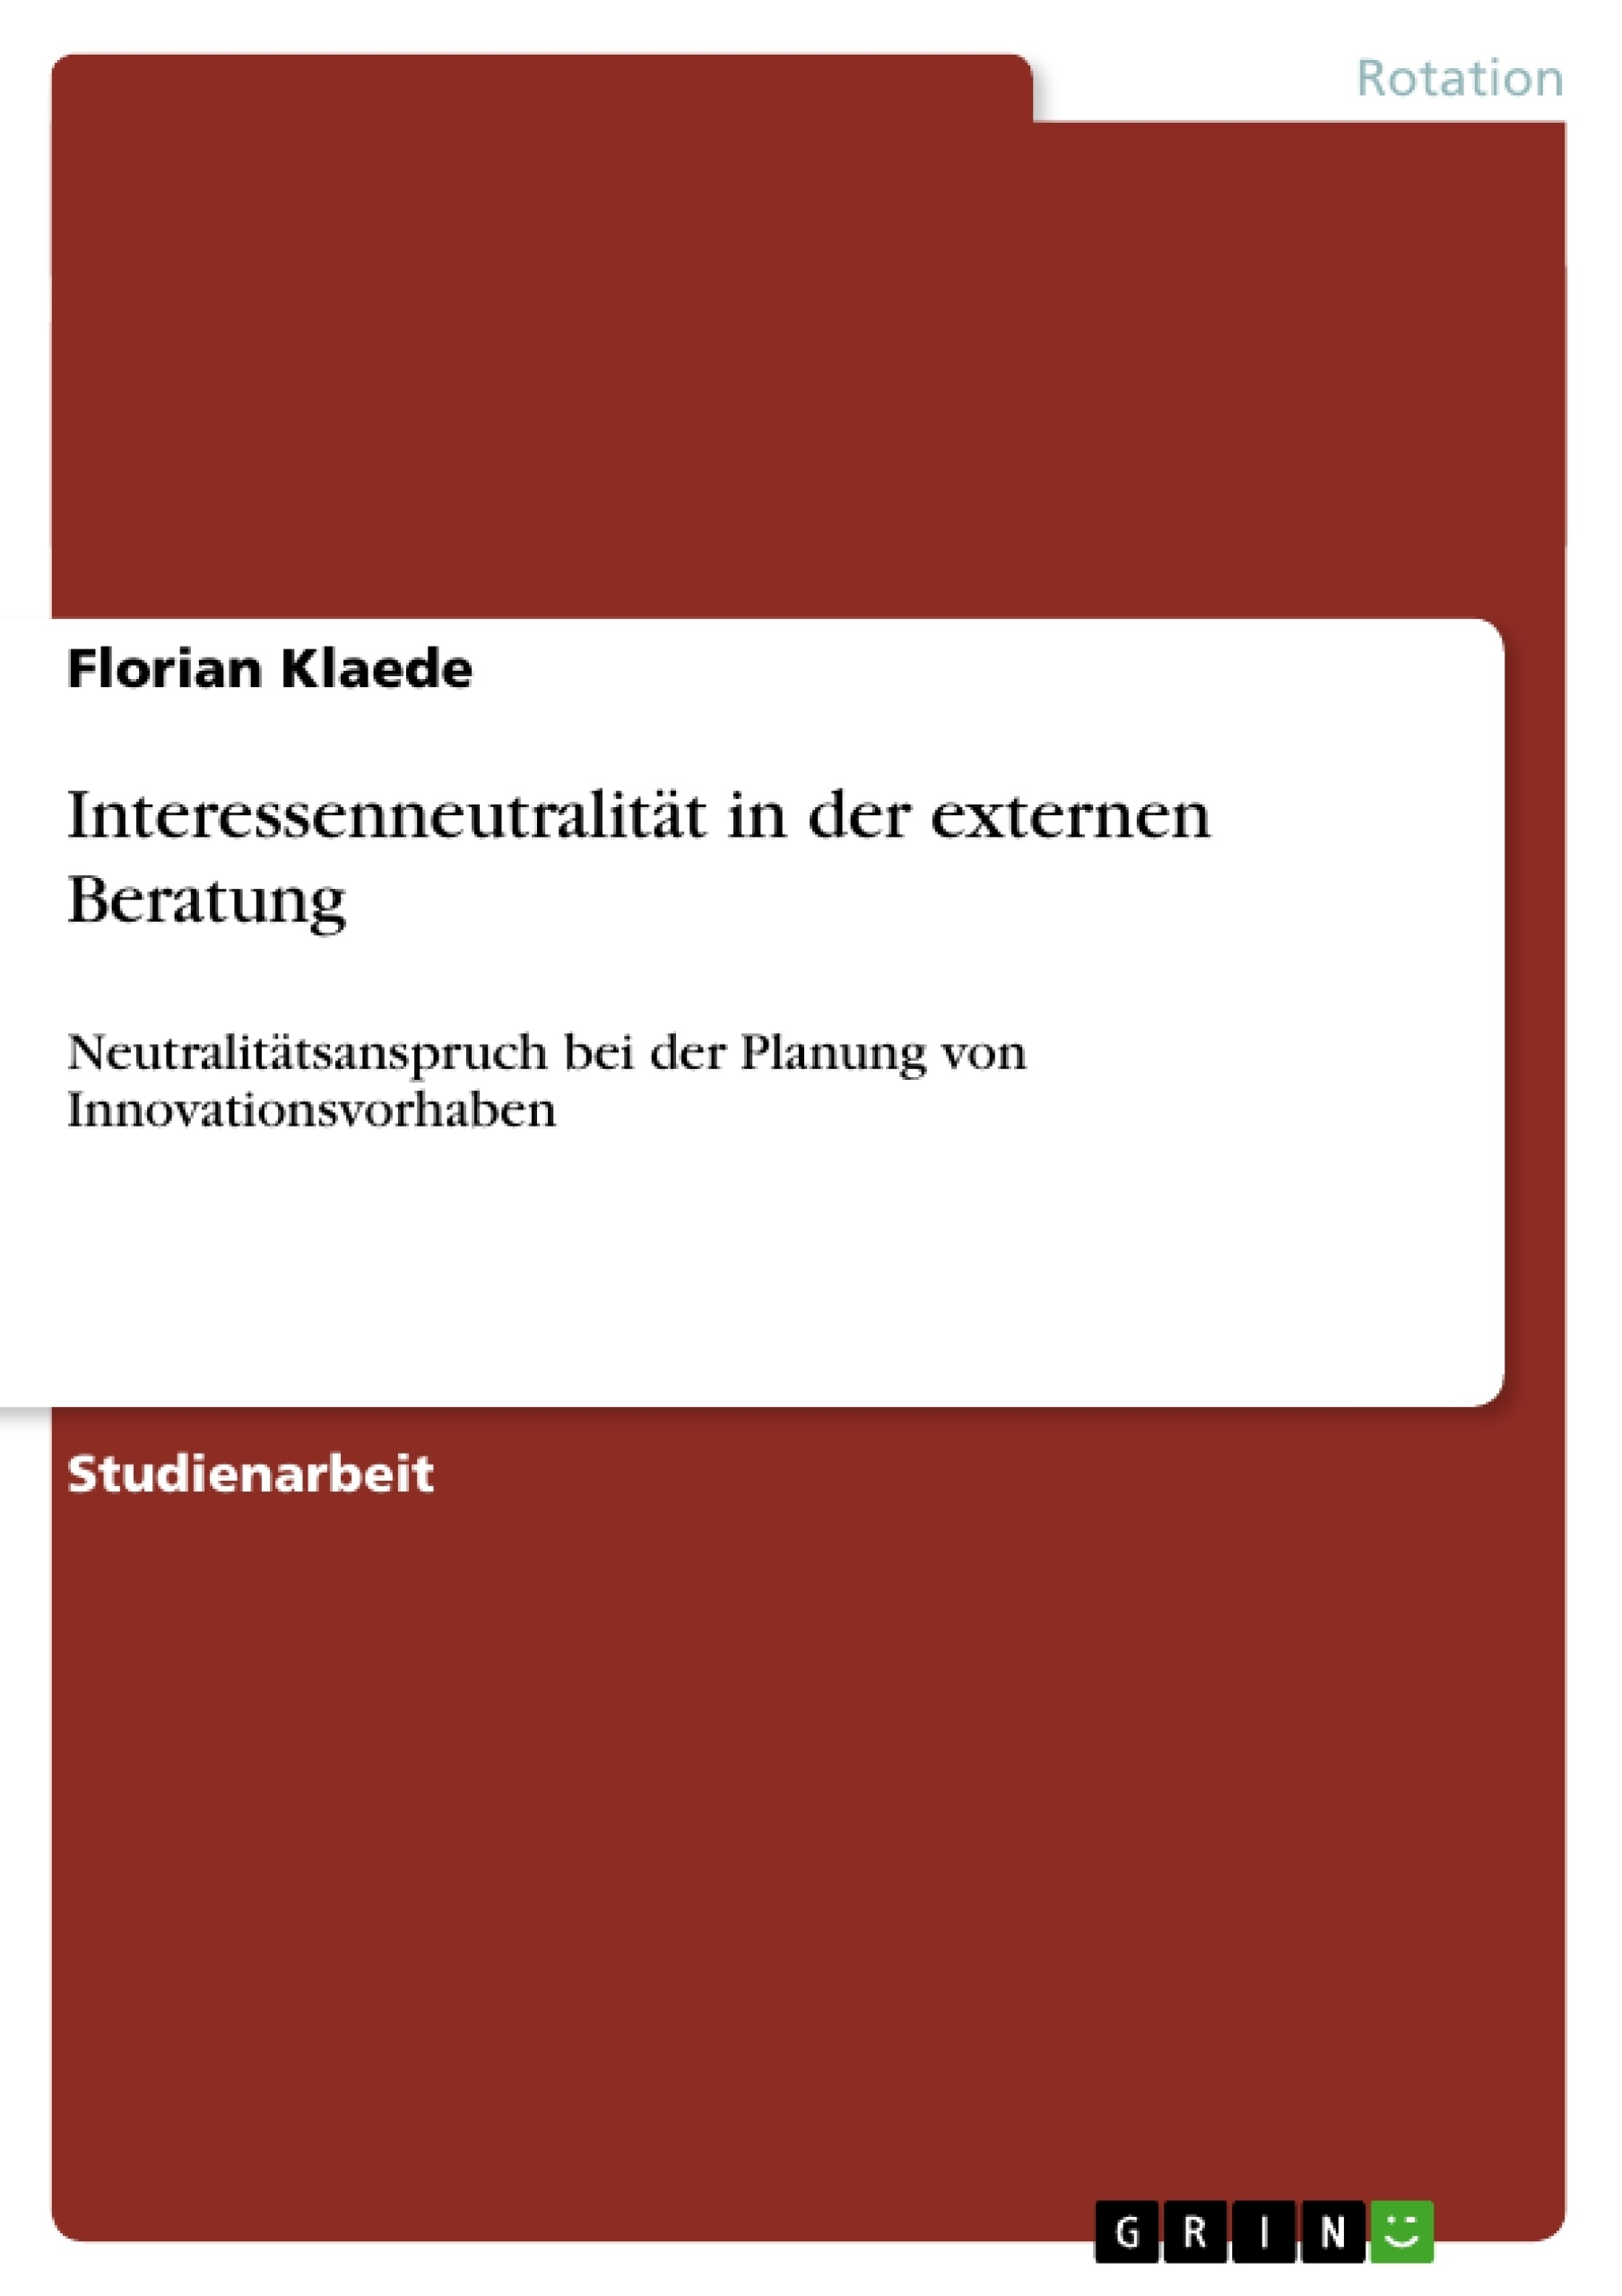 Titel: Interessenneutralität in der externen Beratung